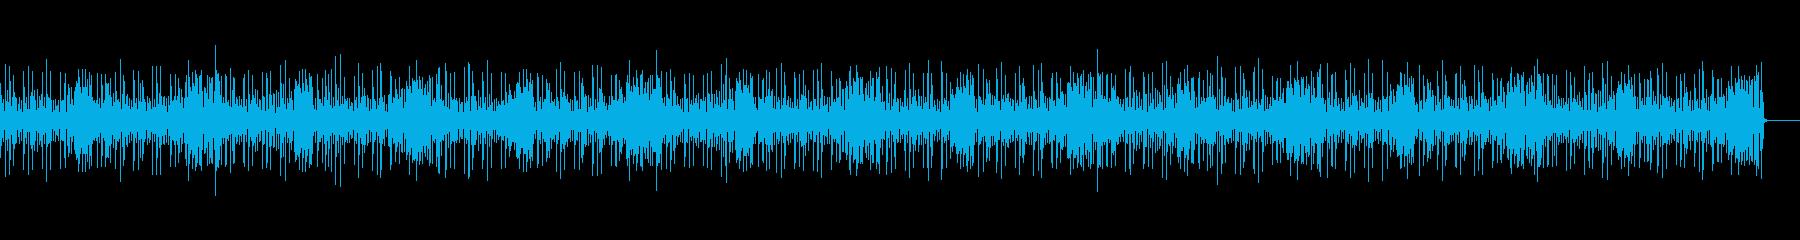 軽快で爽やか、かわいいBGM向けジャズの再生済みの波形